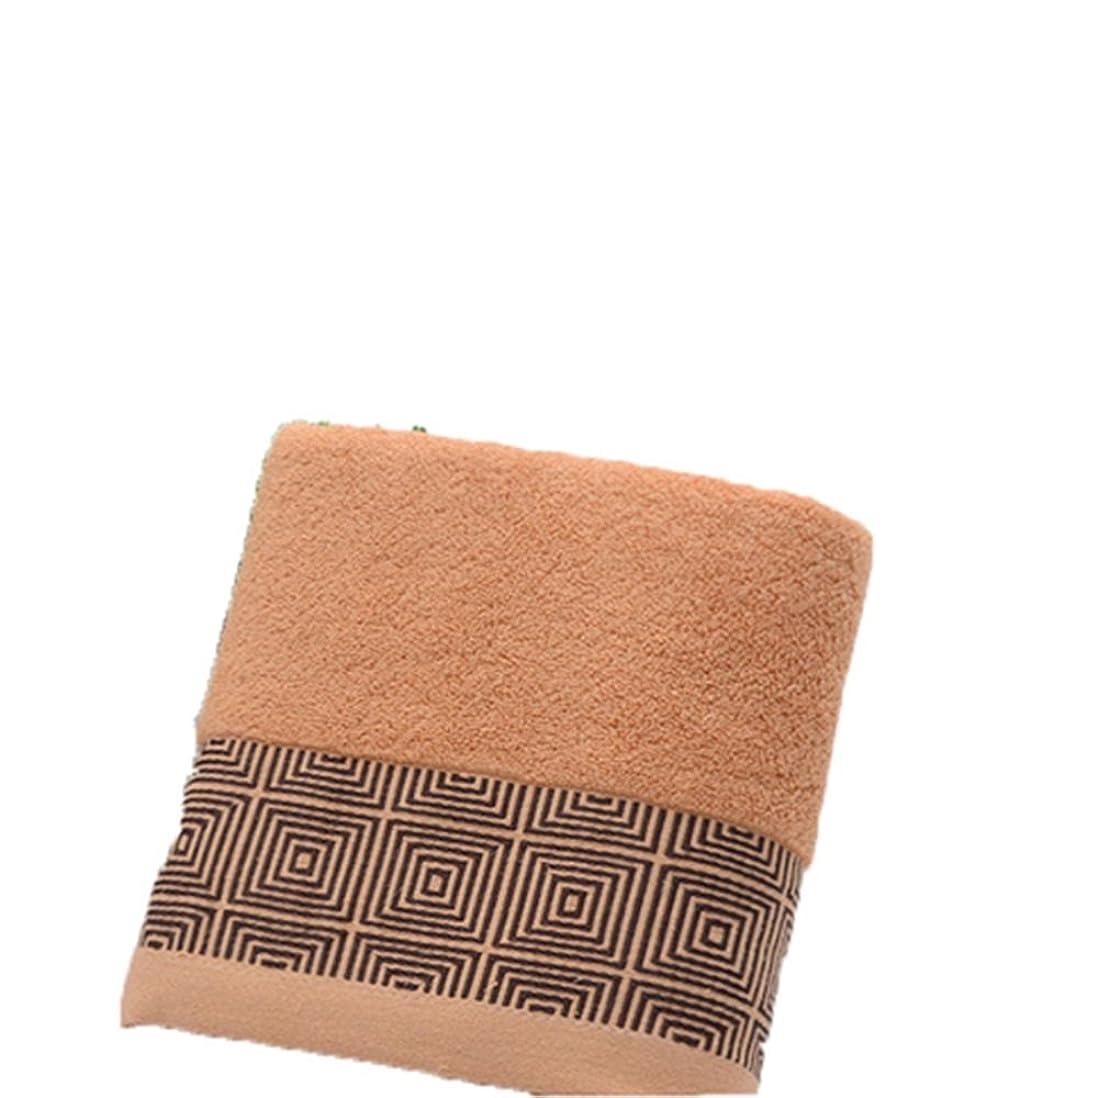 ラップリーフレットマッシュWangGai バスタオル、環境に配慮したバスタオル、ホテルクオリティソフトと高吸水タオル、クイックドライ WangGai (Color : ブラウン)